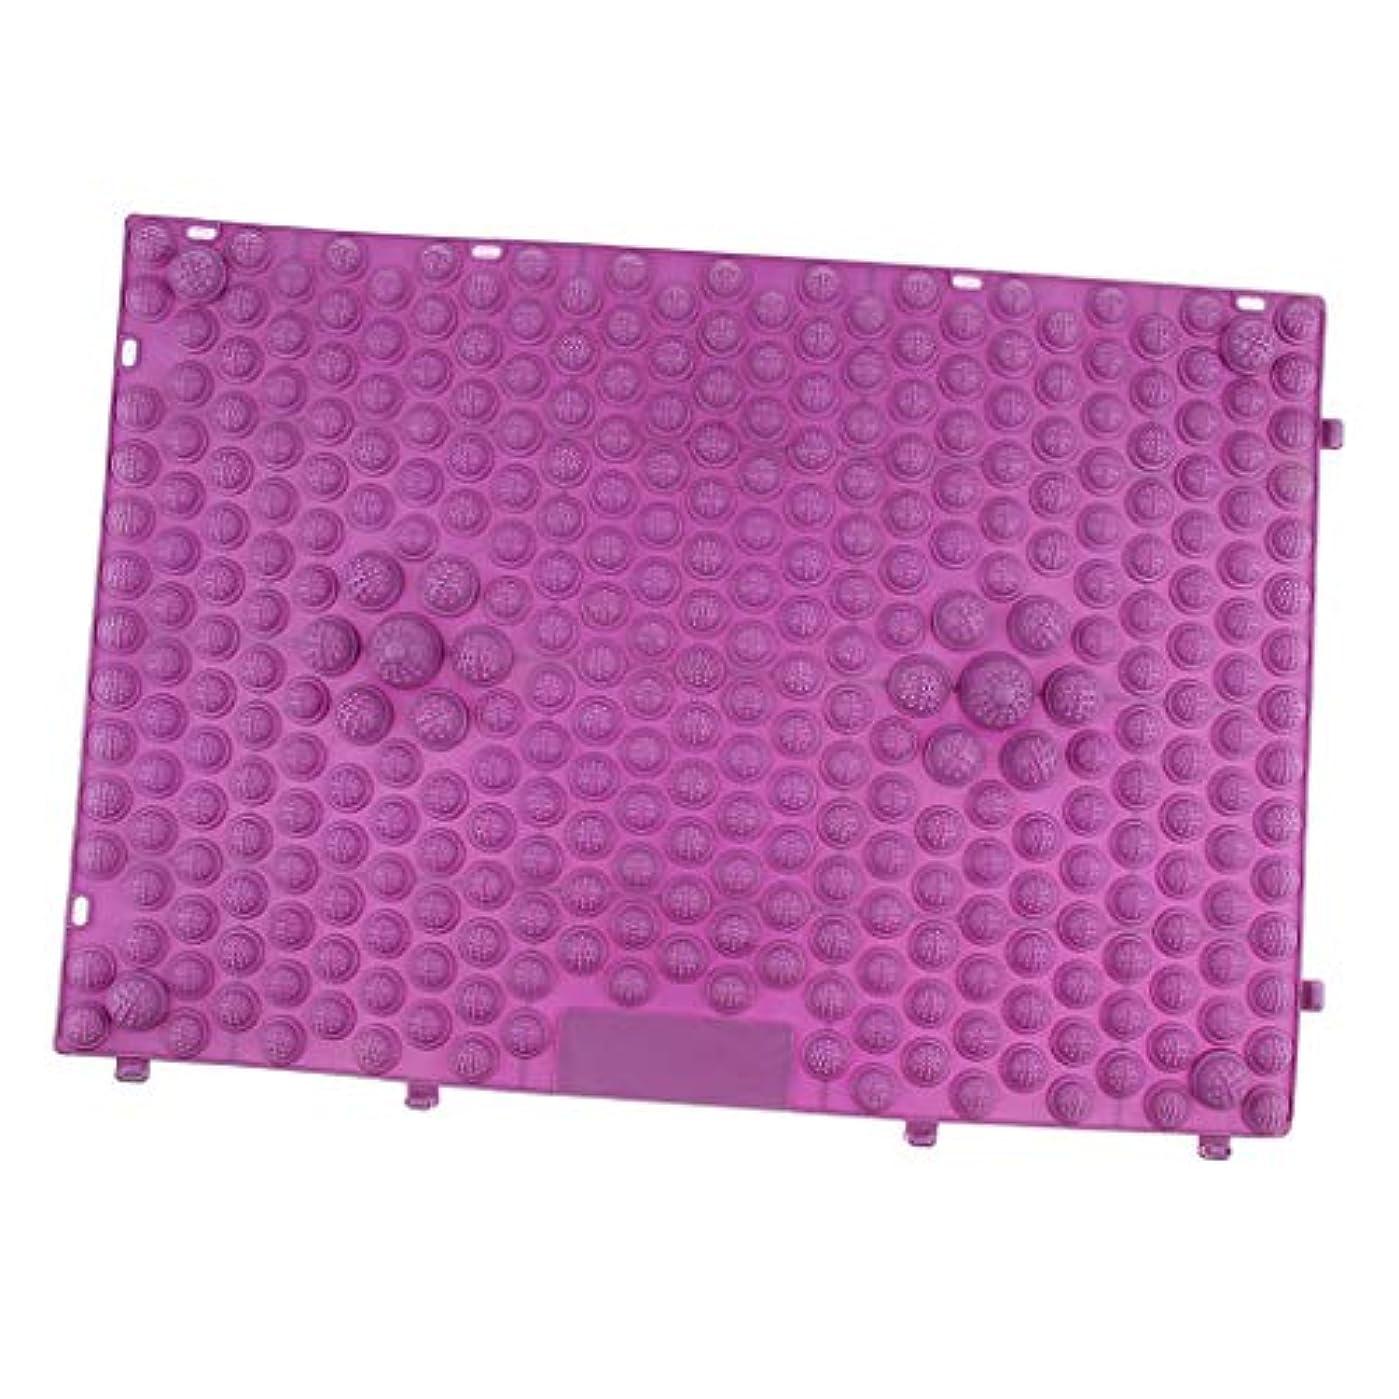 厚くする見つける開始dailymall フットマッサージ マット マッサージパッド マッサージシート 疲労和らげ 多色選べ - 紫